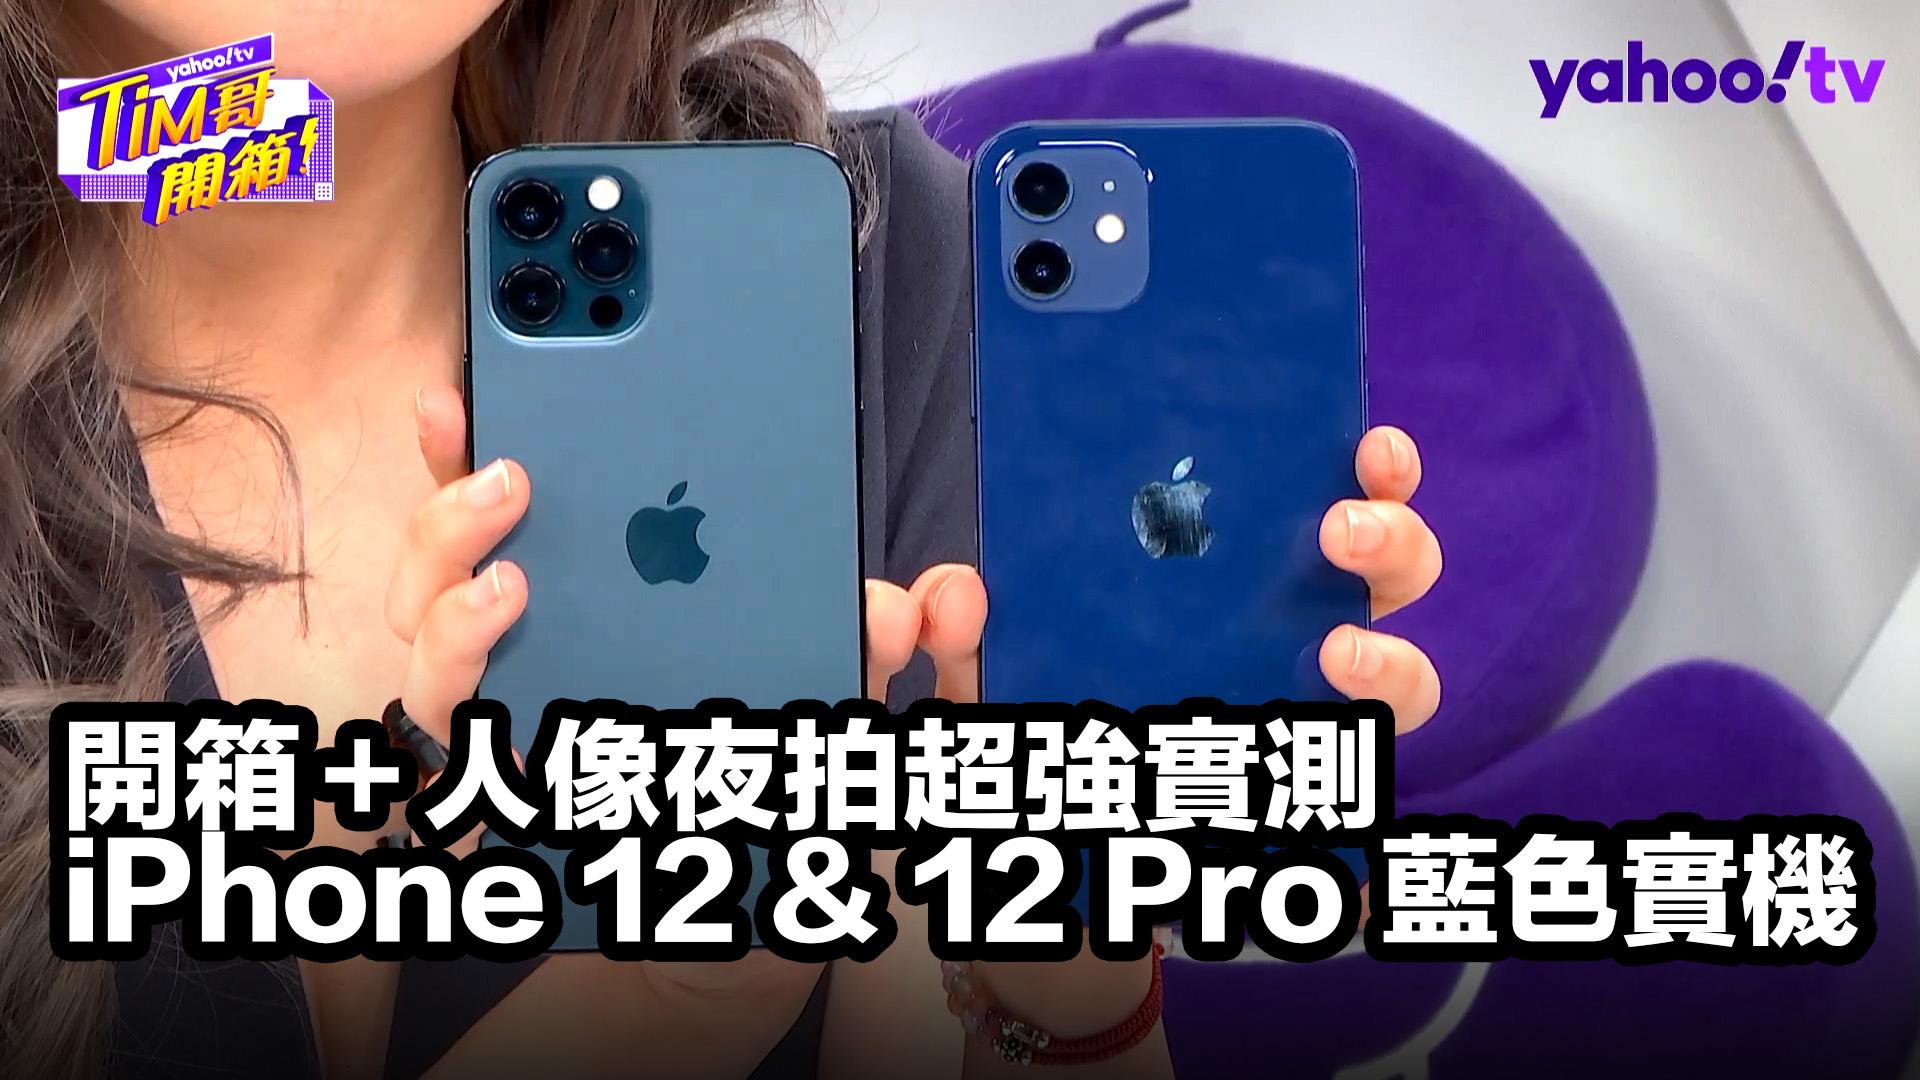 開箱 iPhone 12 & iPhone 12 Pro 藍色實體機!人像夜拍超強實測 - Tim哥開箱 ft. 阿樂